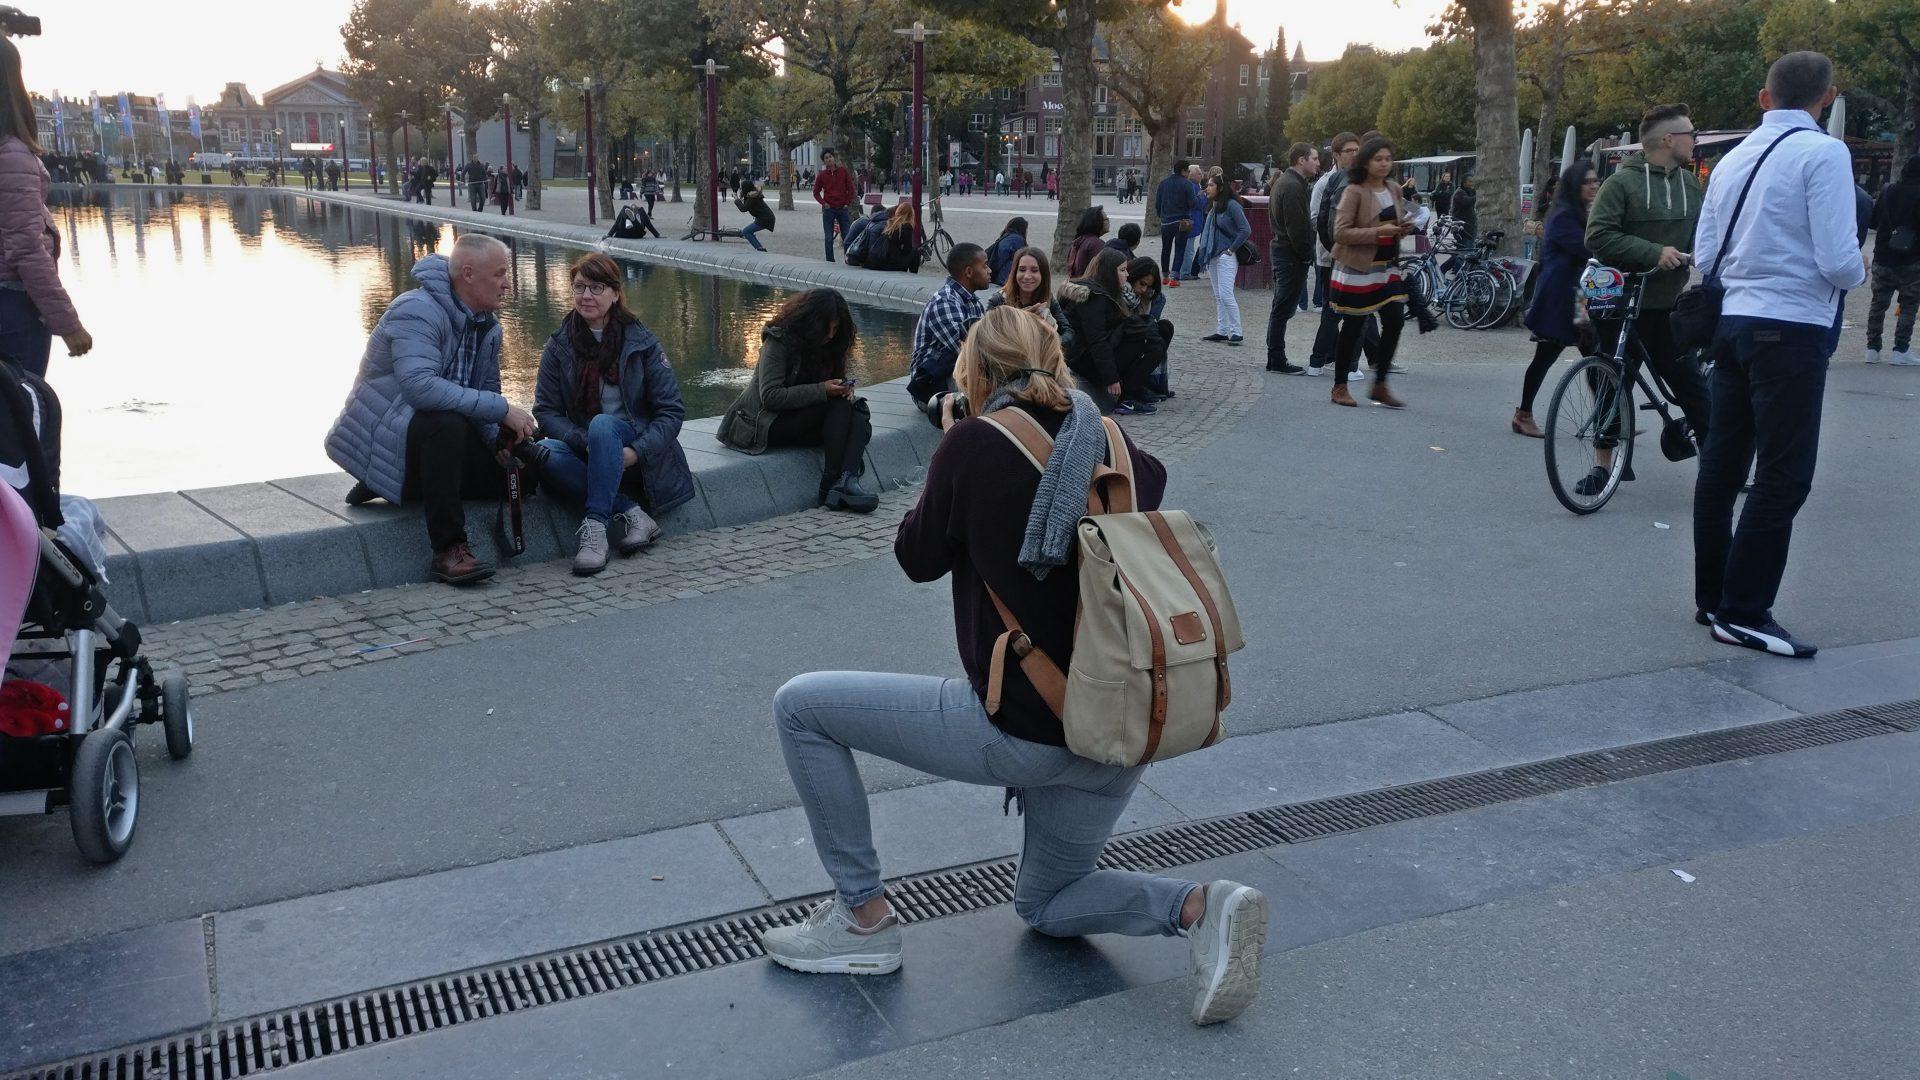 Dor de knieën met camera. Caroline Vlietstra Content Creator journalist fotograaf Amsterdam